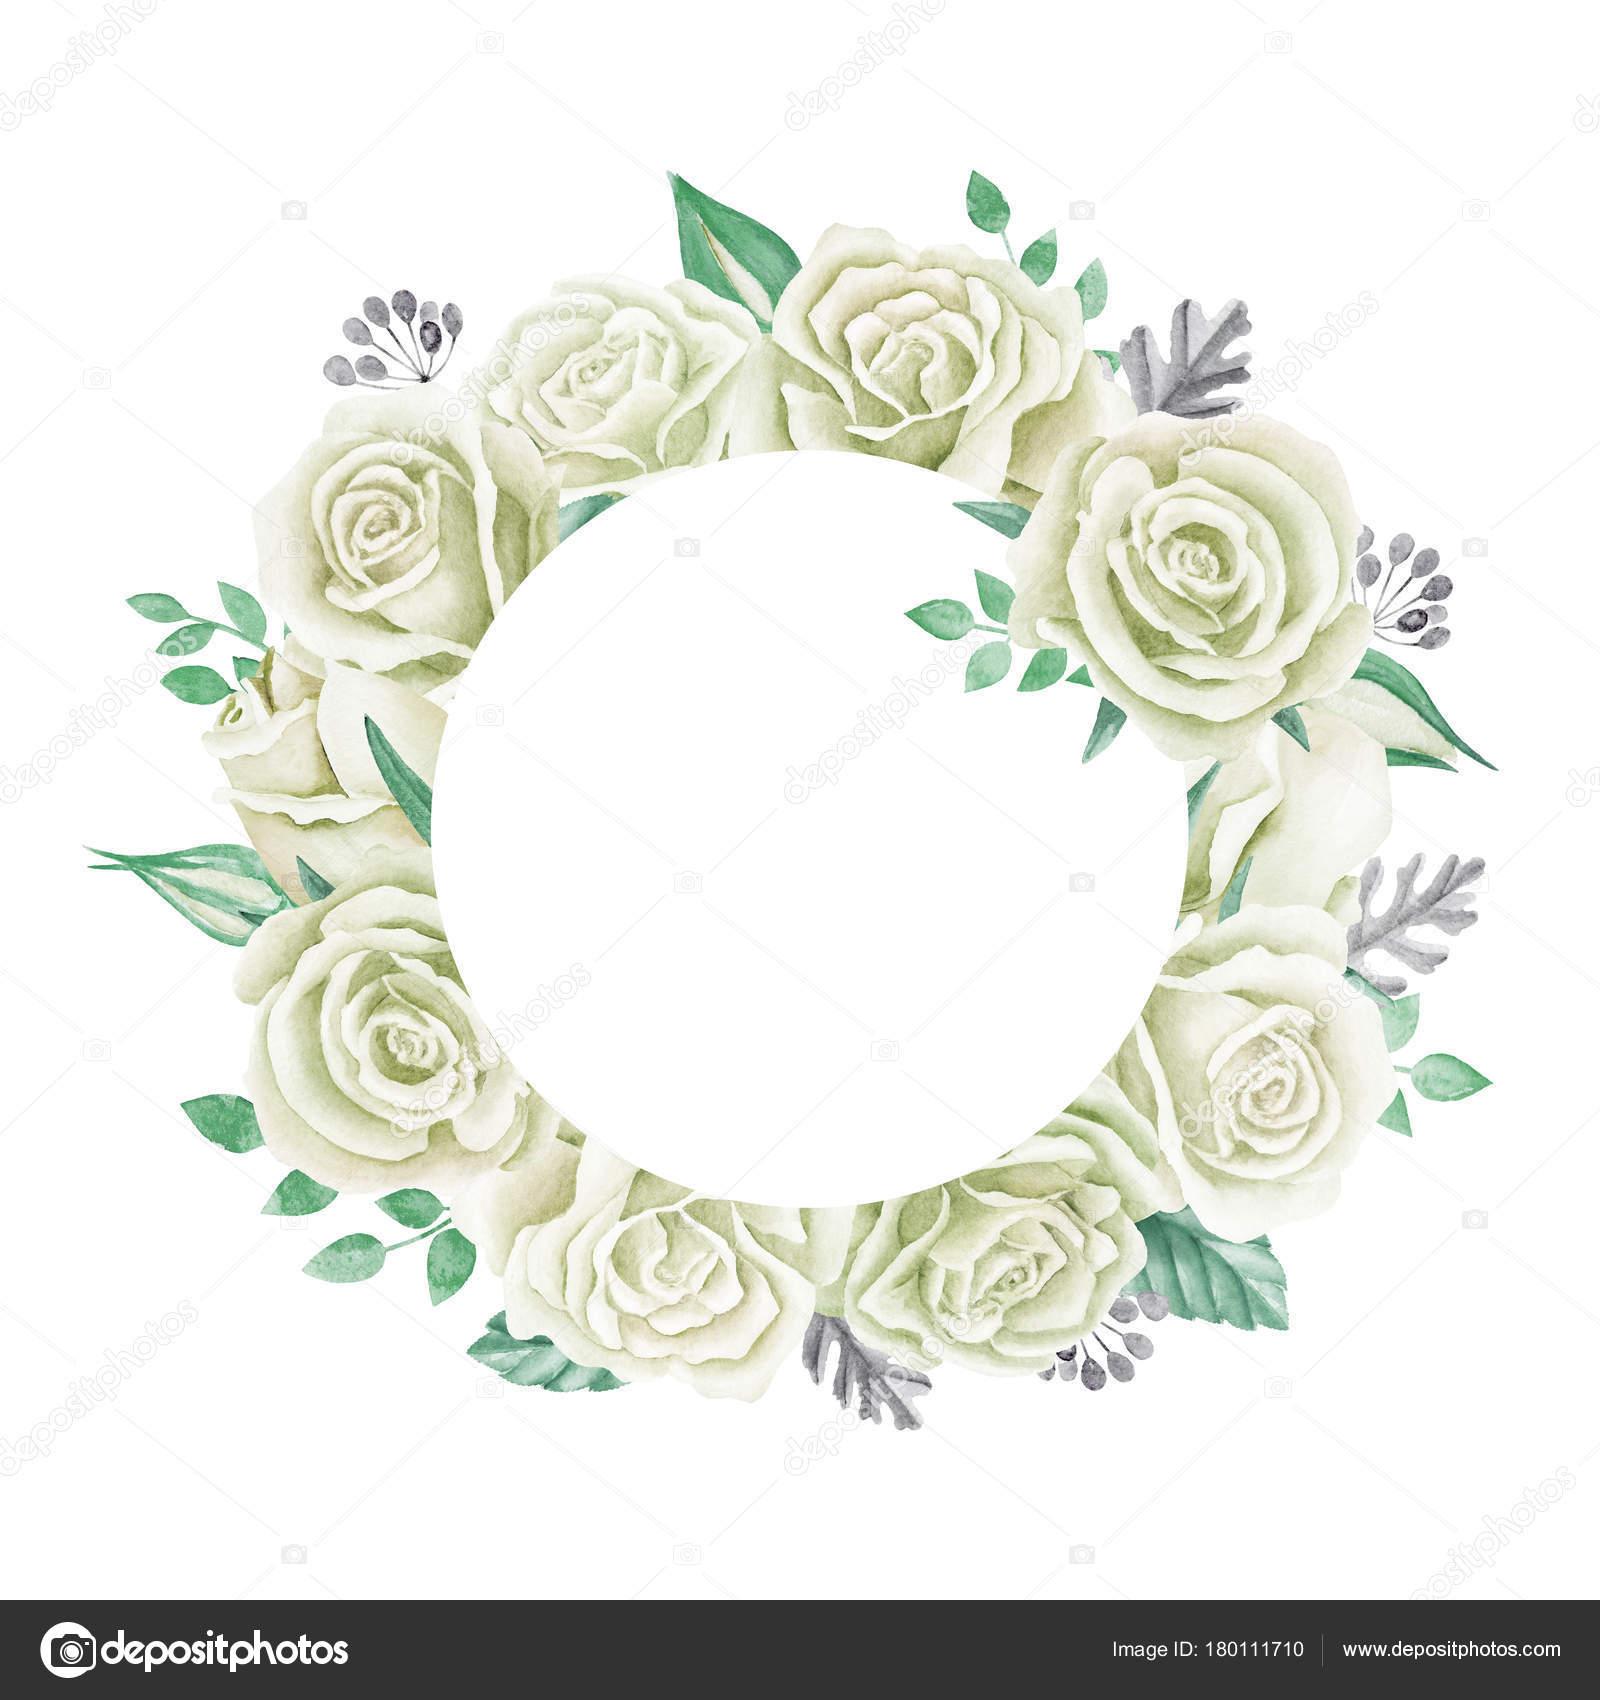 Weiße Rosen Aquarell Bild Niedliche Vintage Stil Kranz Rahmen Rahmen ...